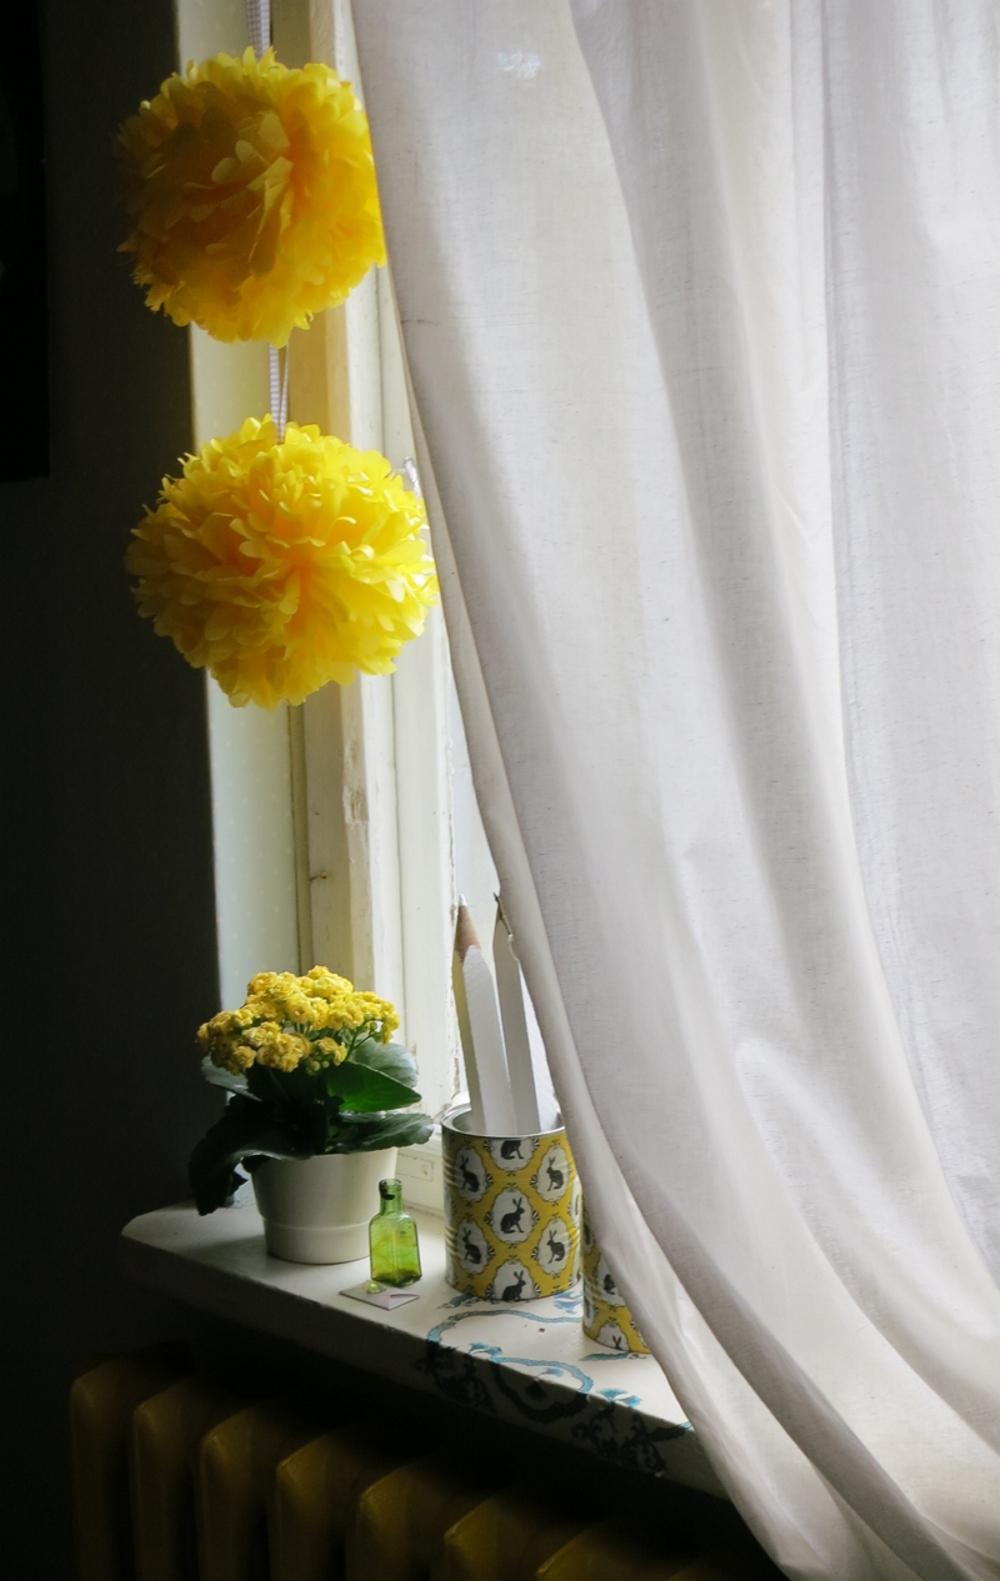 żołte, białe i czarne motywy wielkanocne dekoracyjne, girlandy papierowe i puszki decoupage